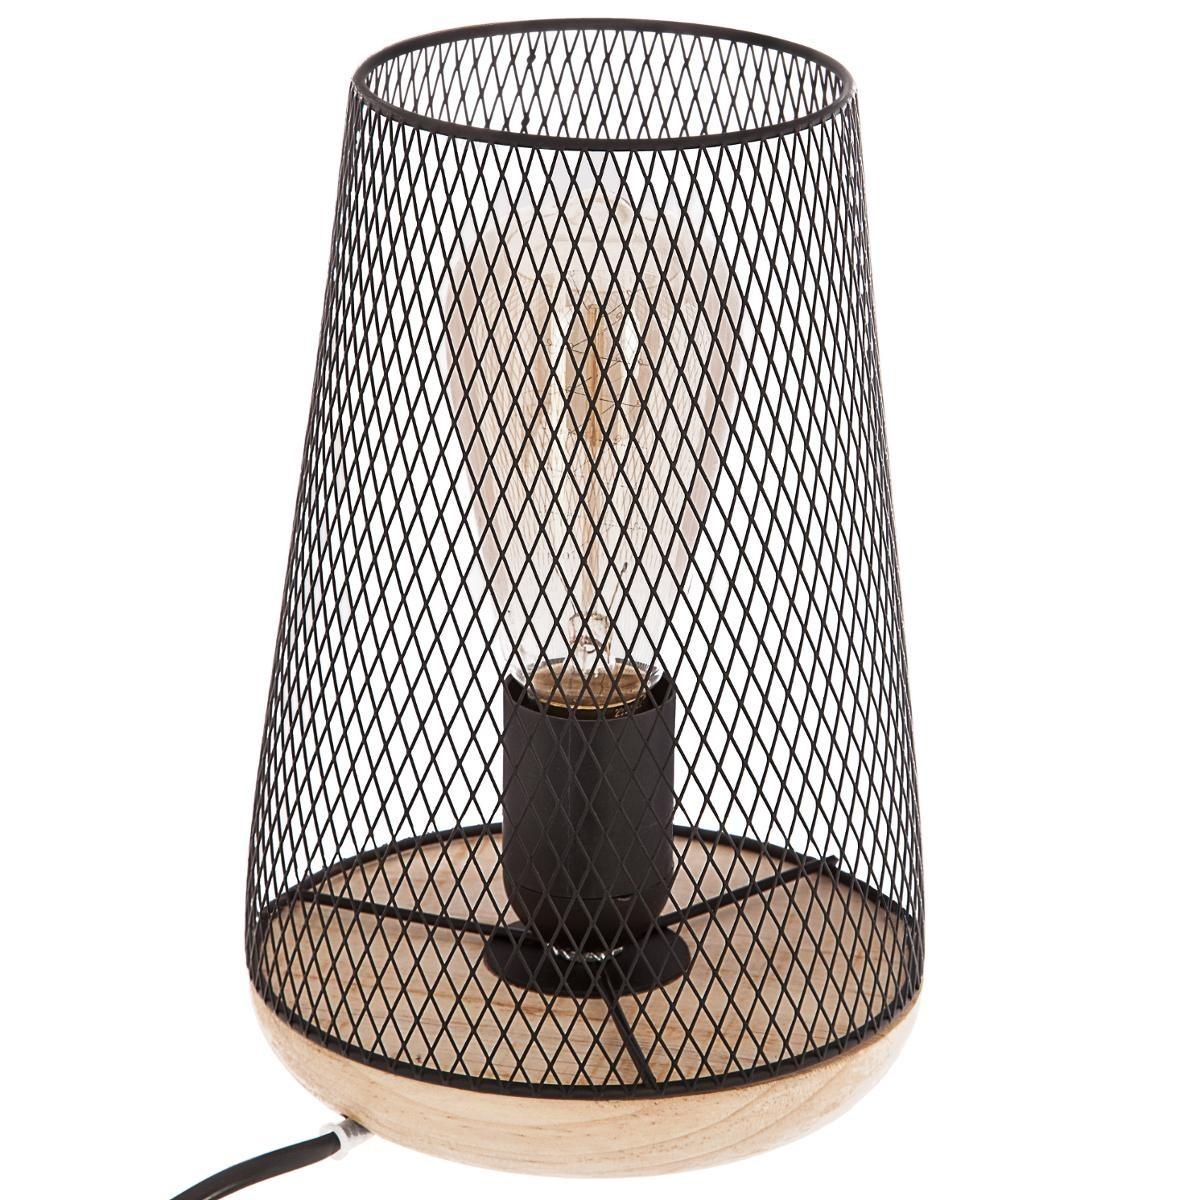 Jour Bois Noir Et Lampe Veo Grille Abat En Shop H23cm Métal IbfvyY76g